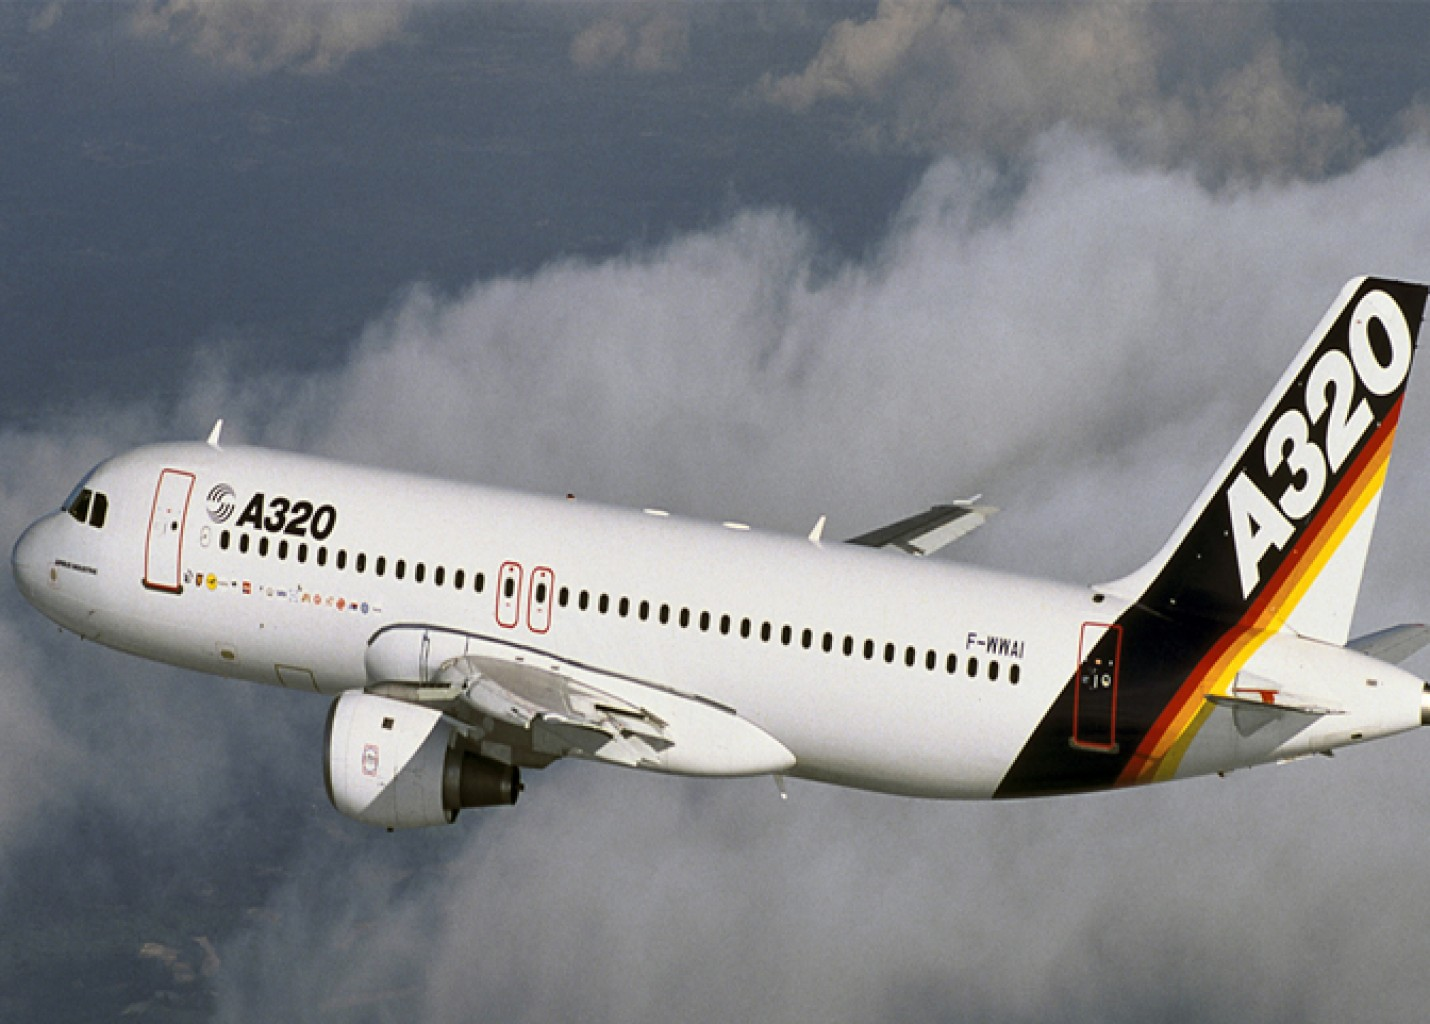 Airbus celebra 30 anos de operações do A320 com homenagem especial; veja vídeo